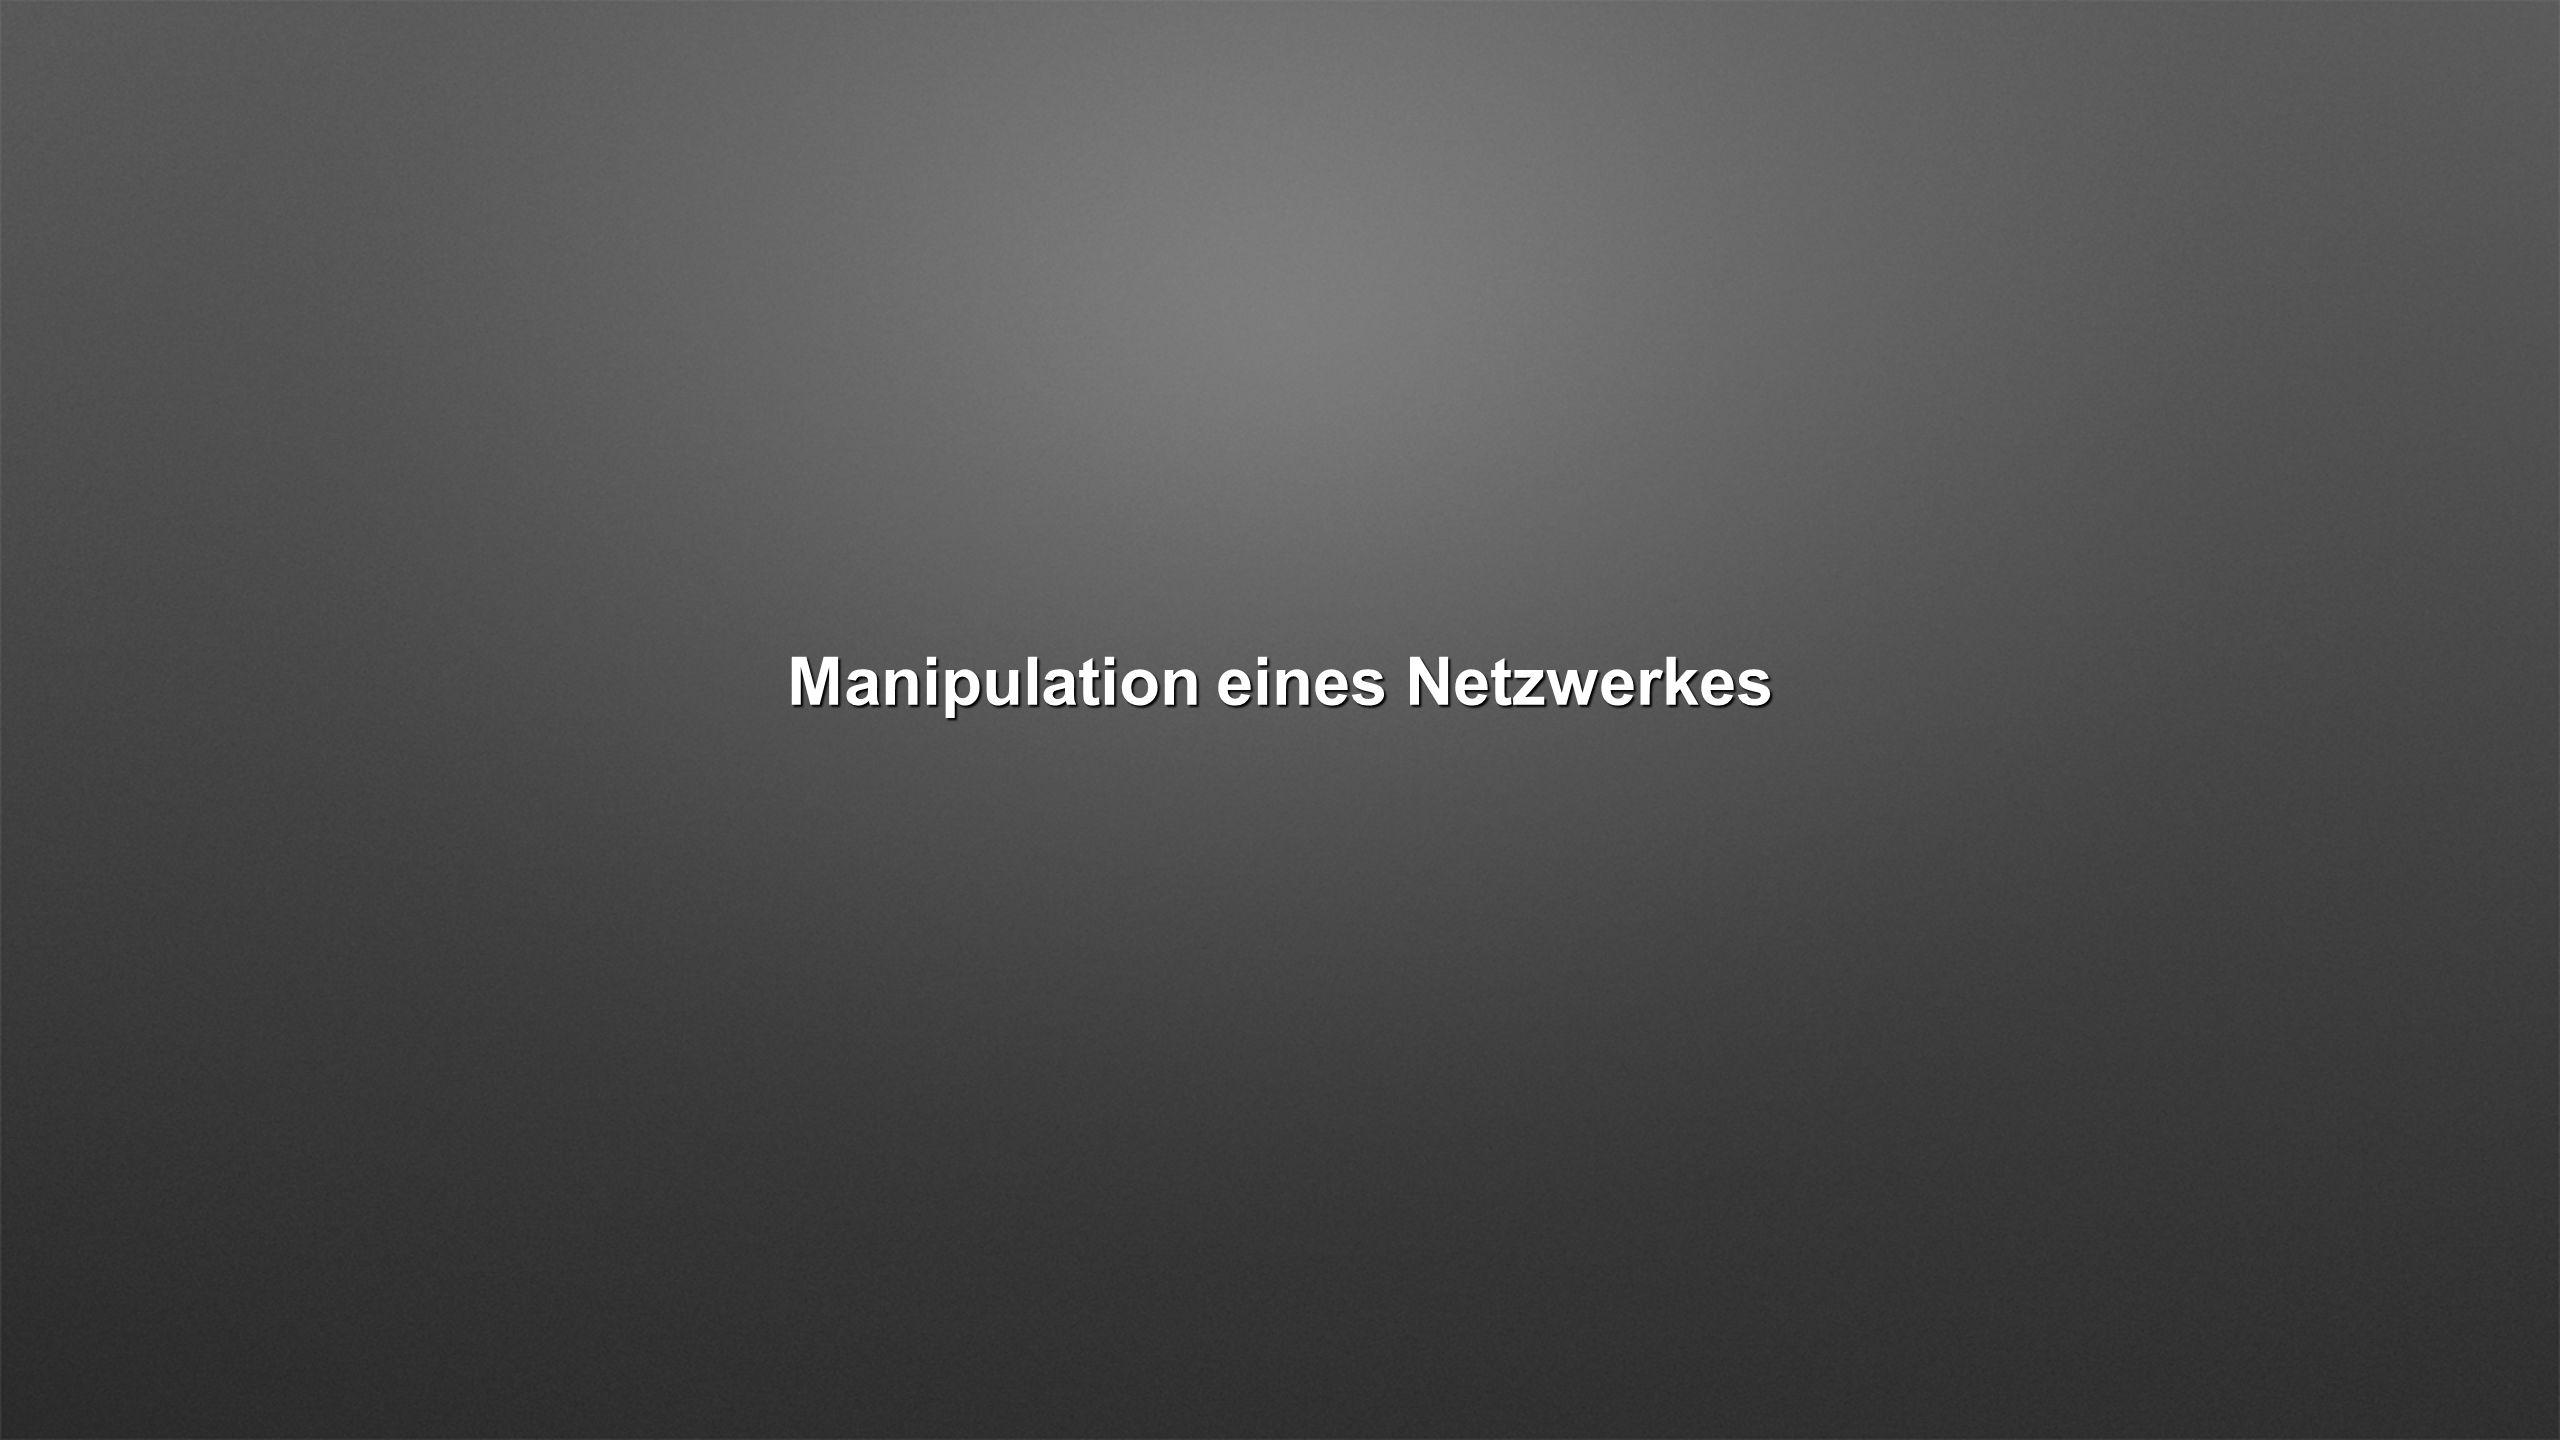 Manipulation des Netzwerkes mit einem sogenannten Rouge-AP mit einem sogenannten Rouge-AP MITM (Man-In-The-Middle Attack) MITM (Man-In-The-Middle Attack)